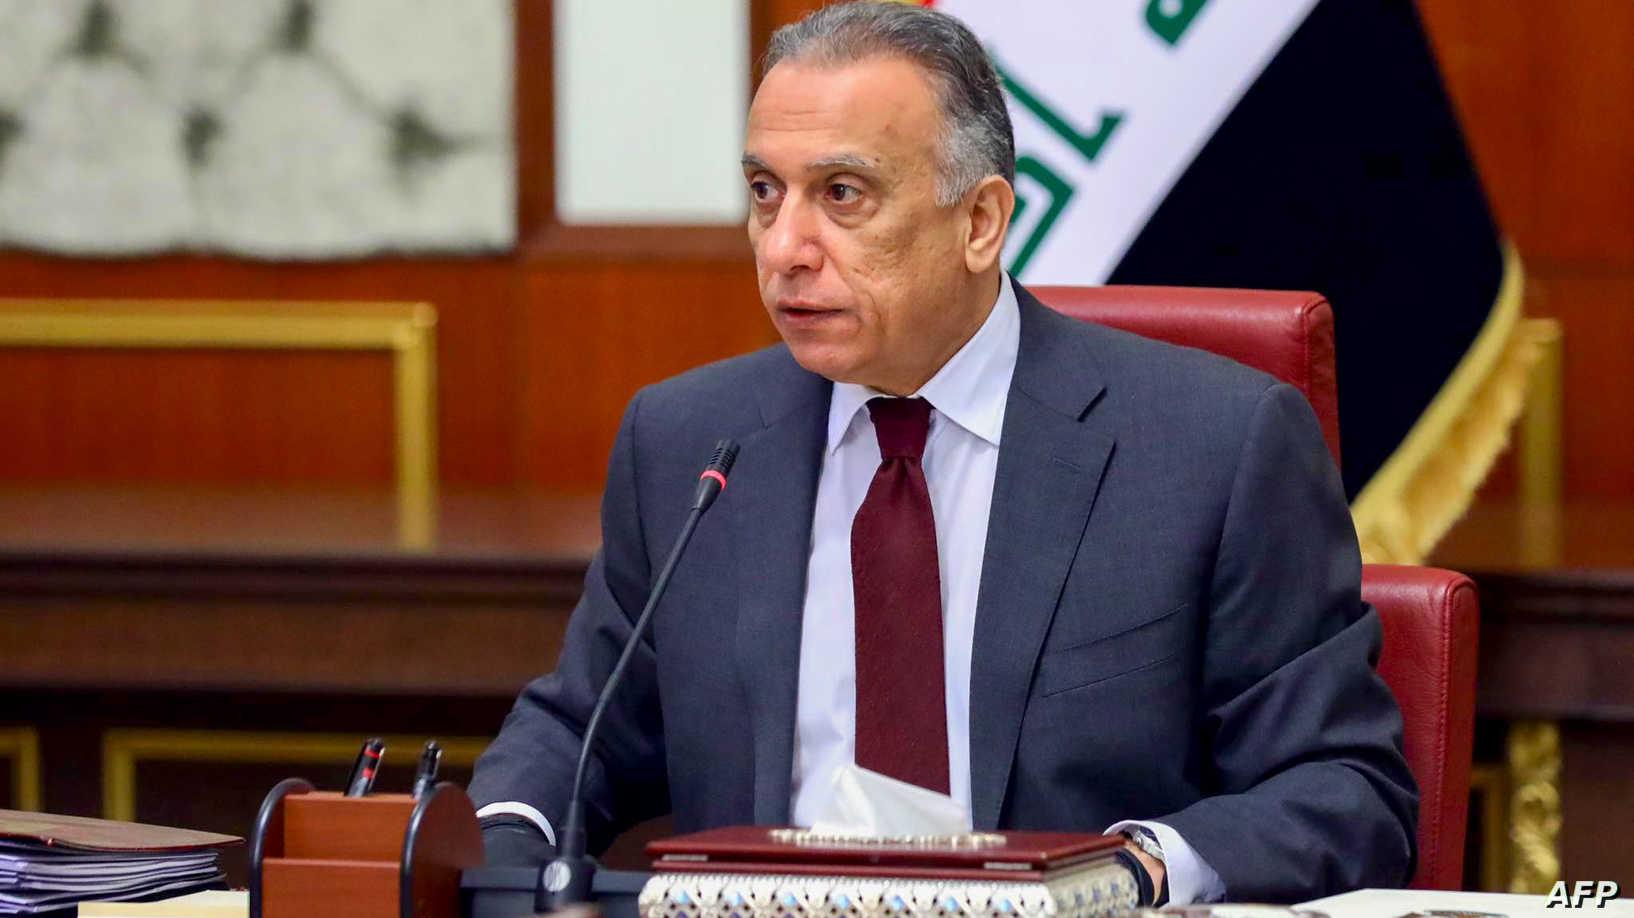 القانونية النيابية تحذر الكاظمي من إتباع سياسة عبد المهدي مع كردستان